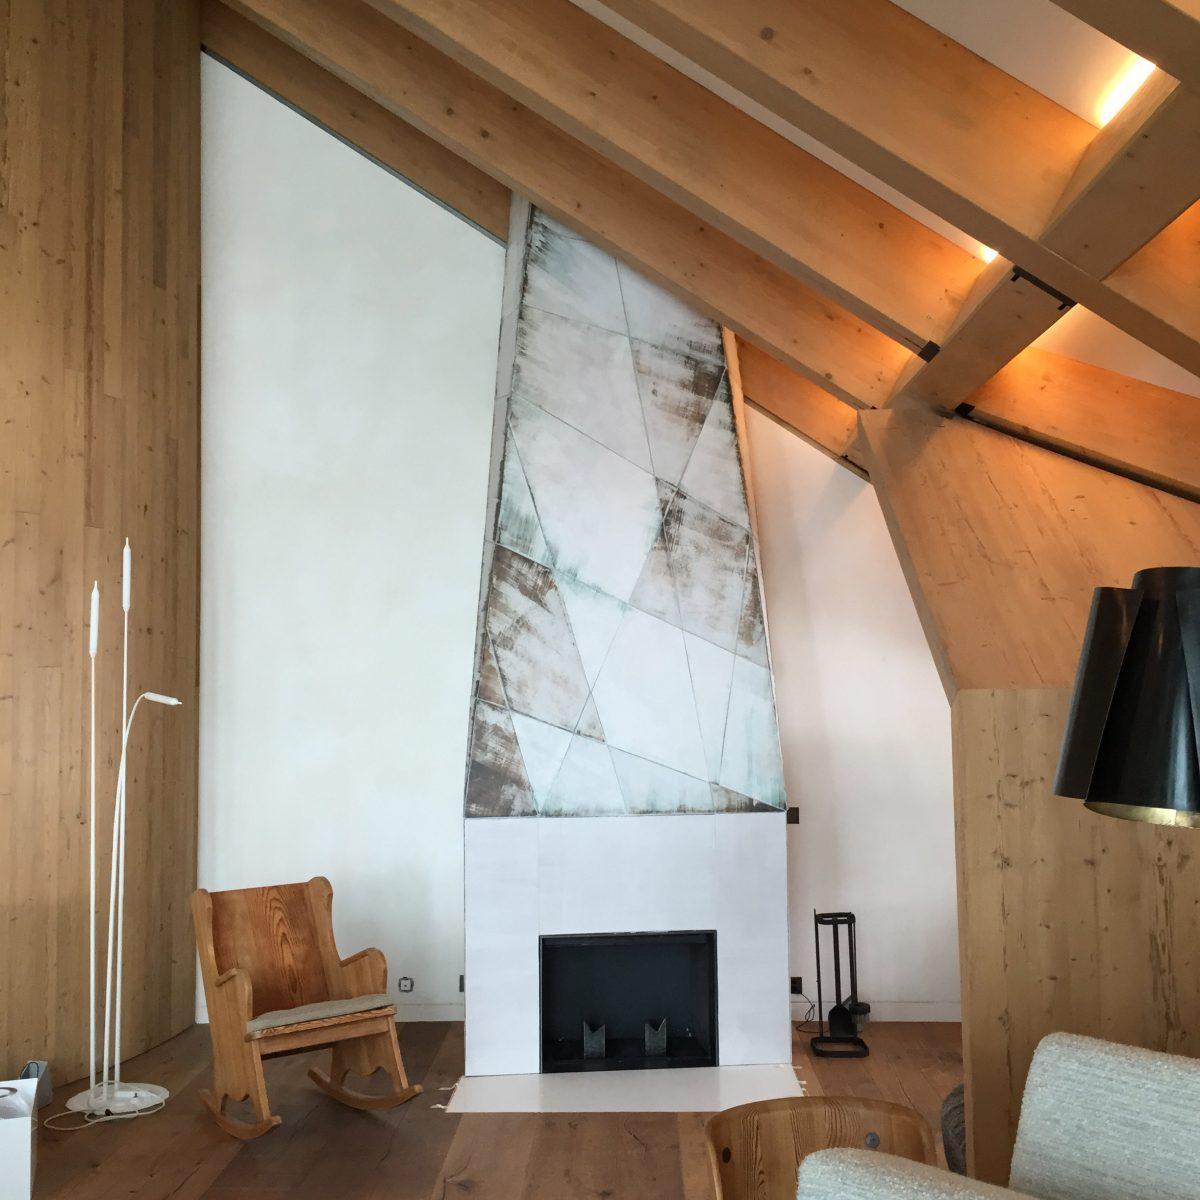 Cheminée, 2014, grès émaillé, 4,45x1,45x0,7 cm, Andermatt. §À la demande de Pierre Yovanovitch.